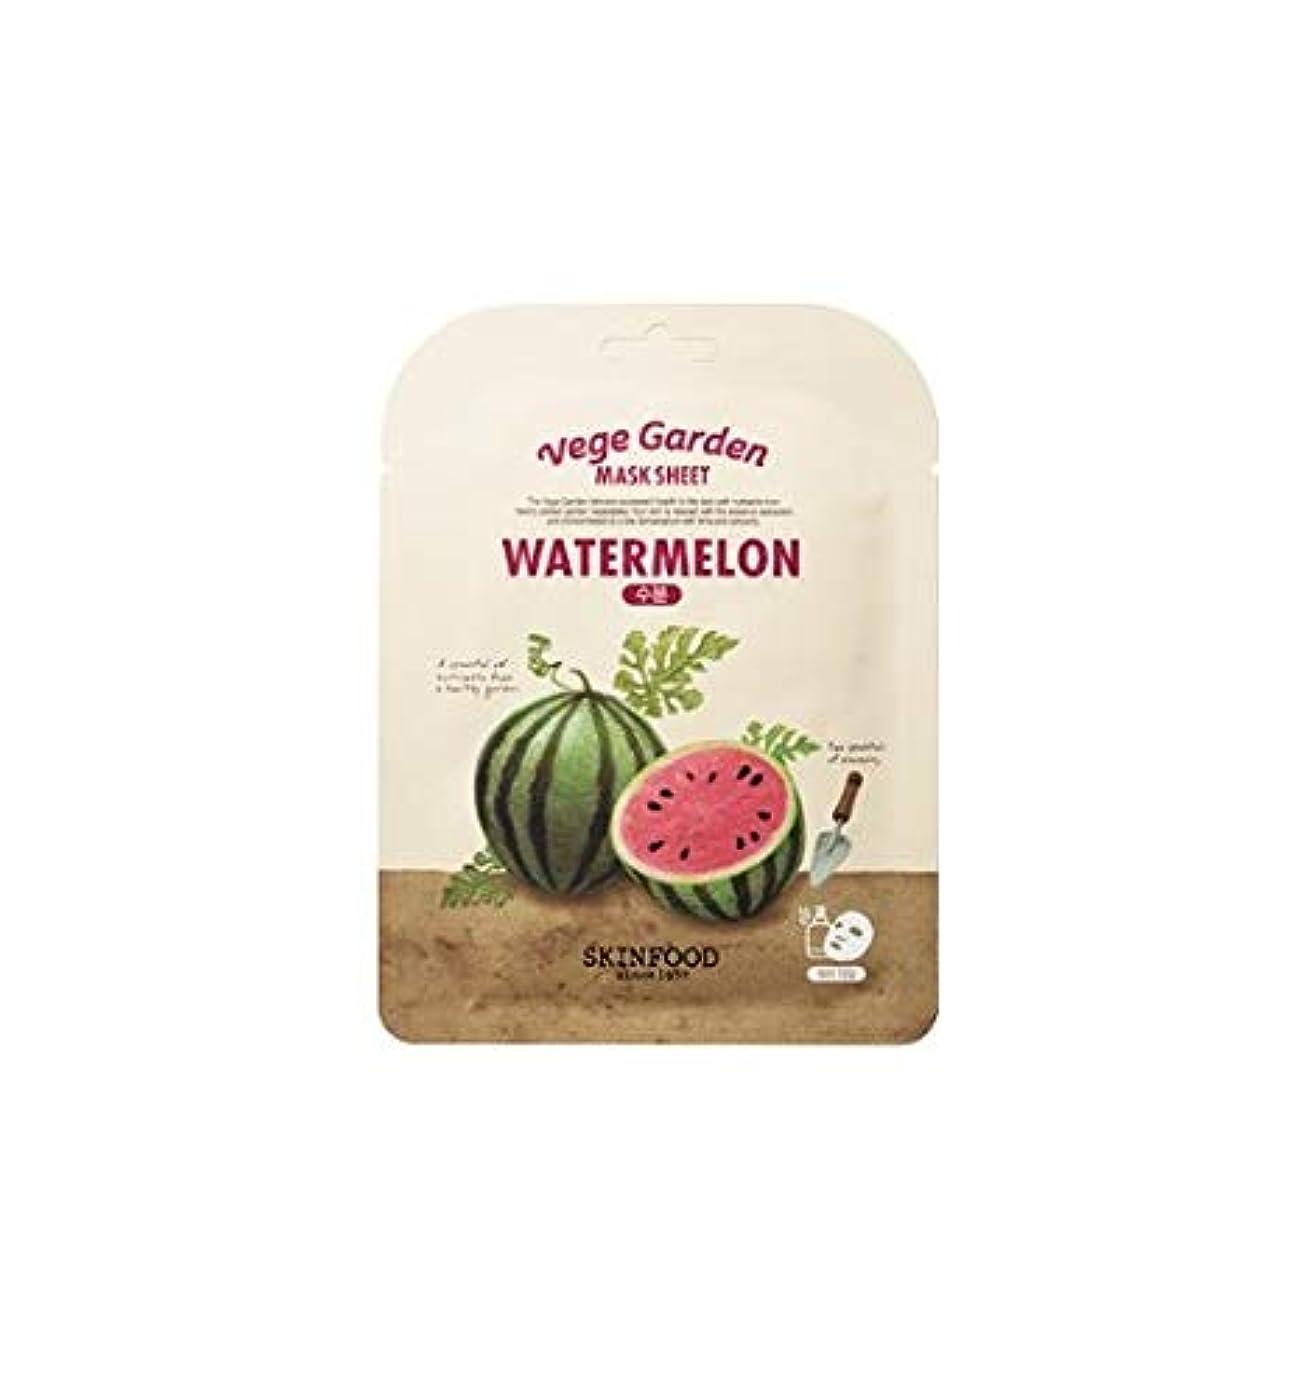 腫瘍捧げる嬉しいですSkinfood ベジガーデンマスクシート#スイカ* 10ea / Vege Garden Mask Sheet # watermelon *10ea 20ml*10 [並行輸入品]